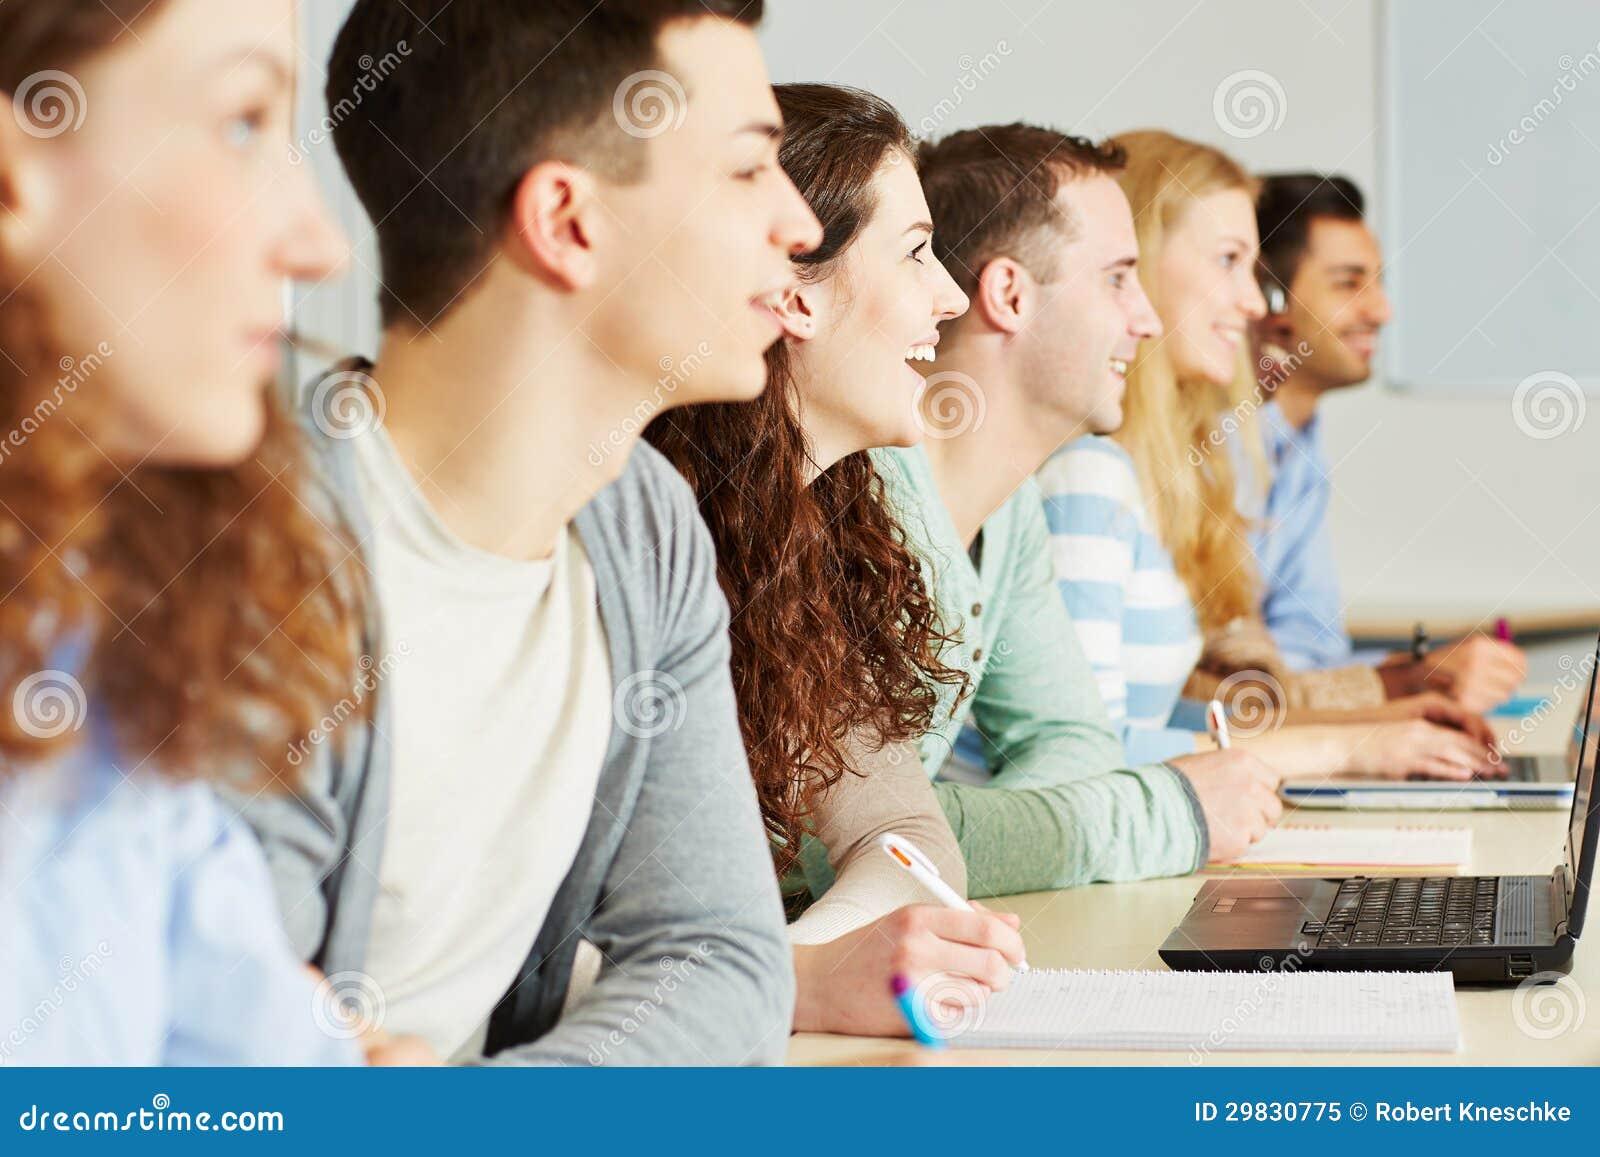 Estudantes que aprendem na sala de aula